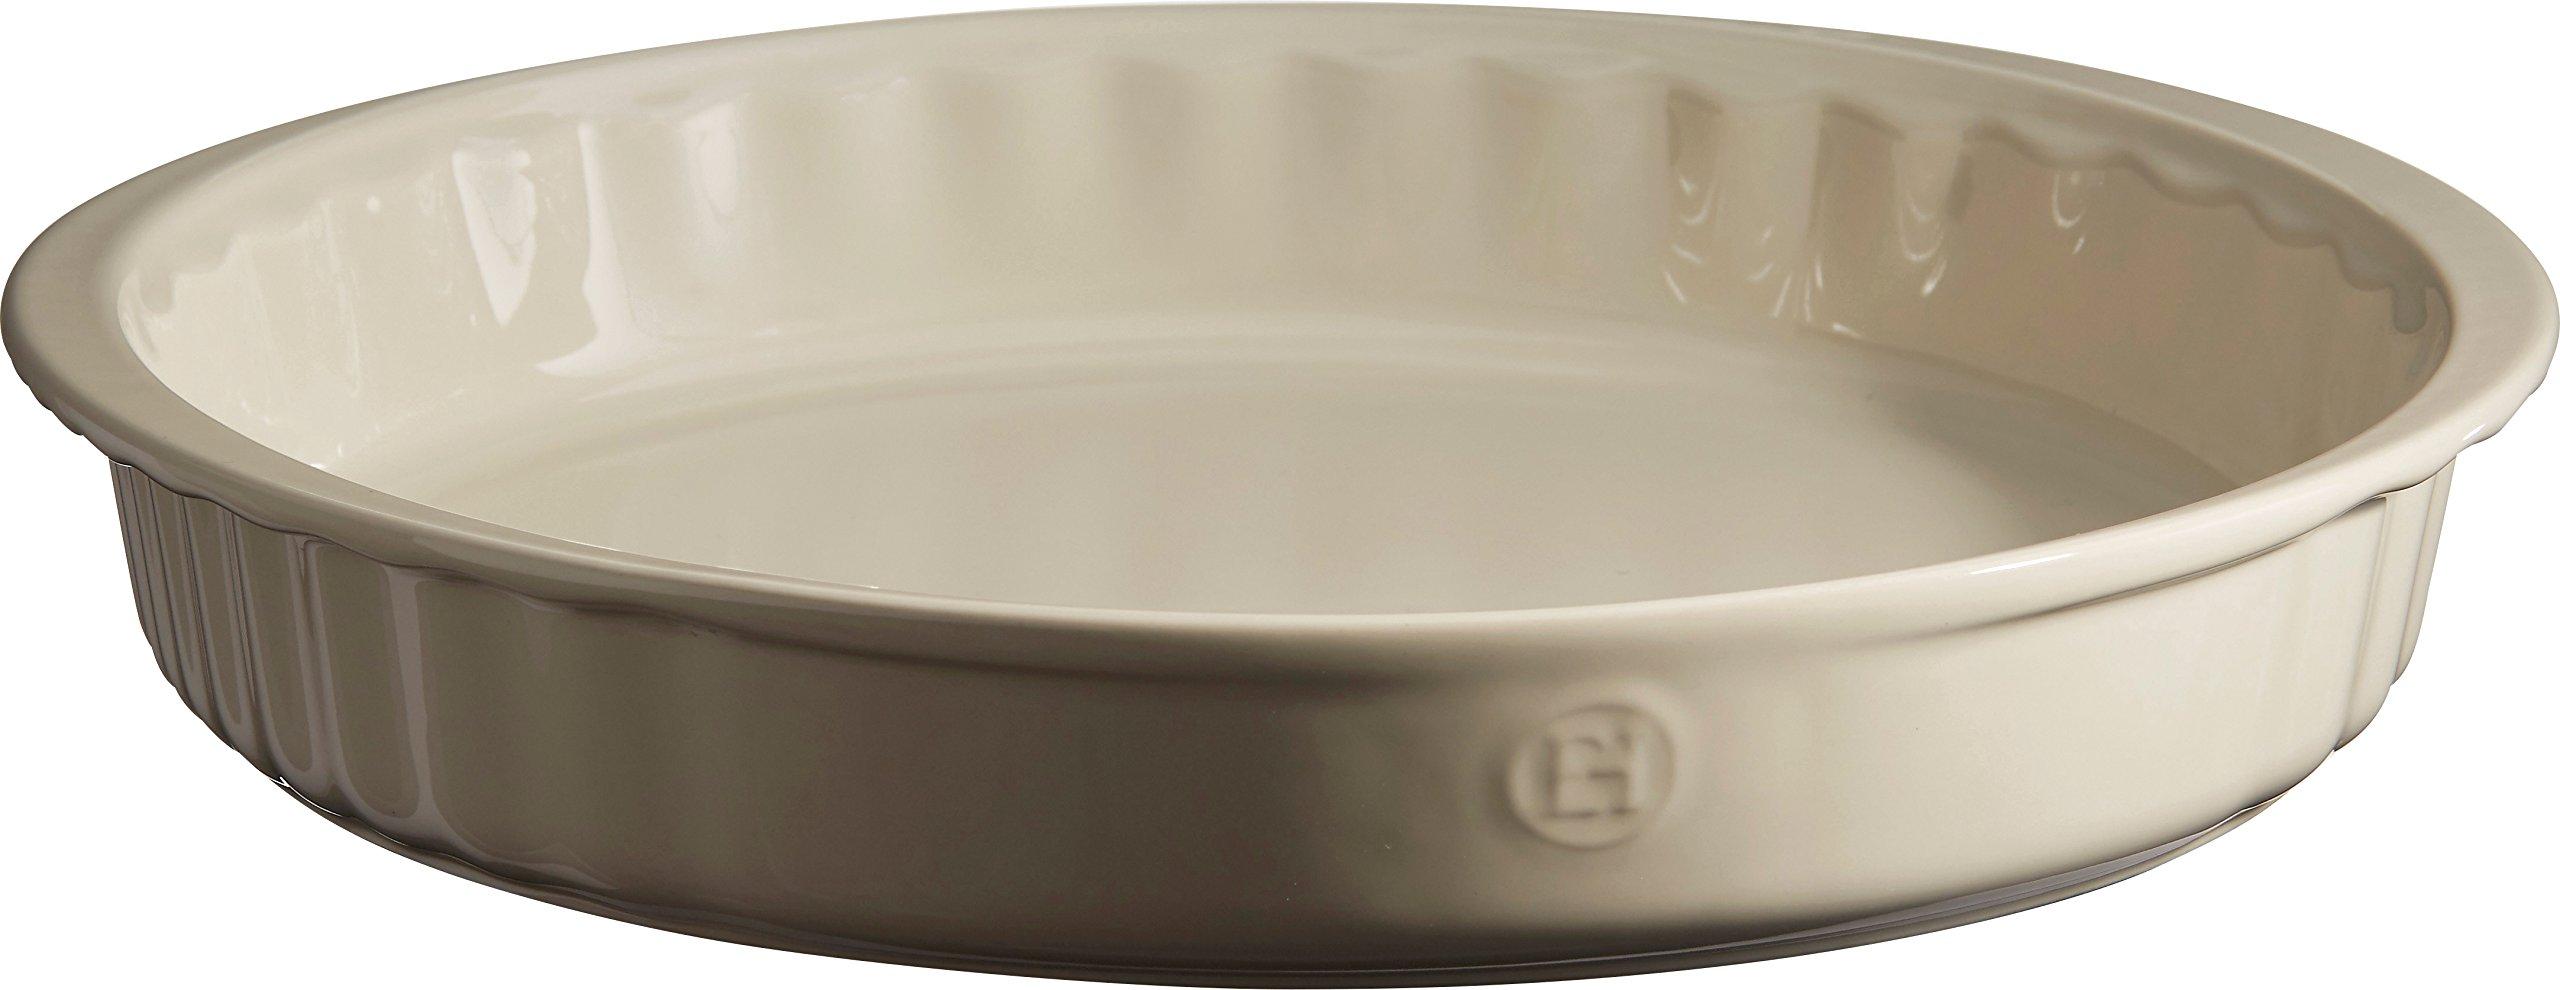 Emile Henry France Bakeware 11'' Tart Dish, Clay by Emile Henry (Image #2)